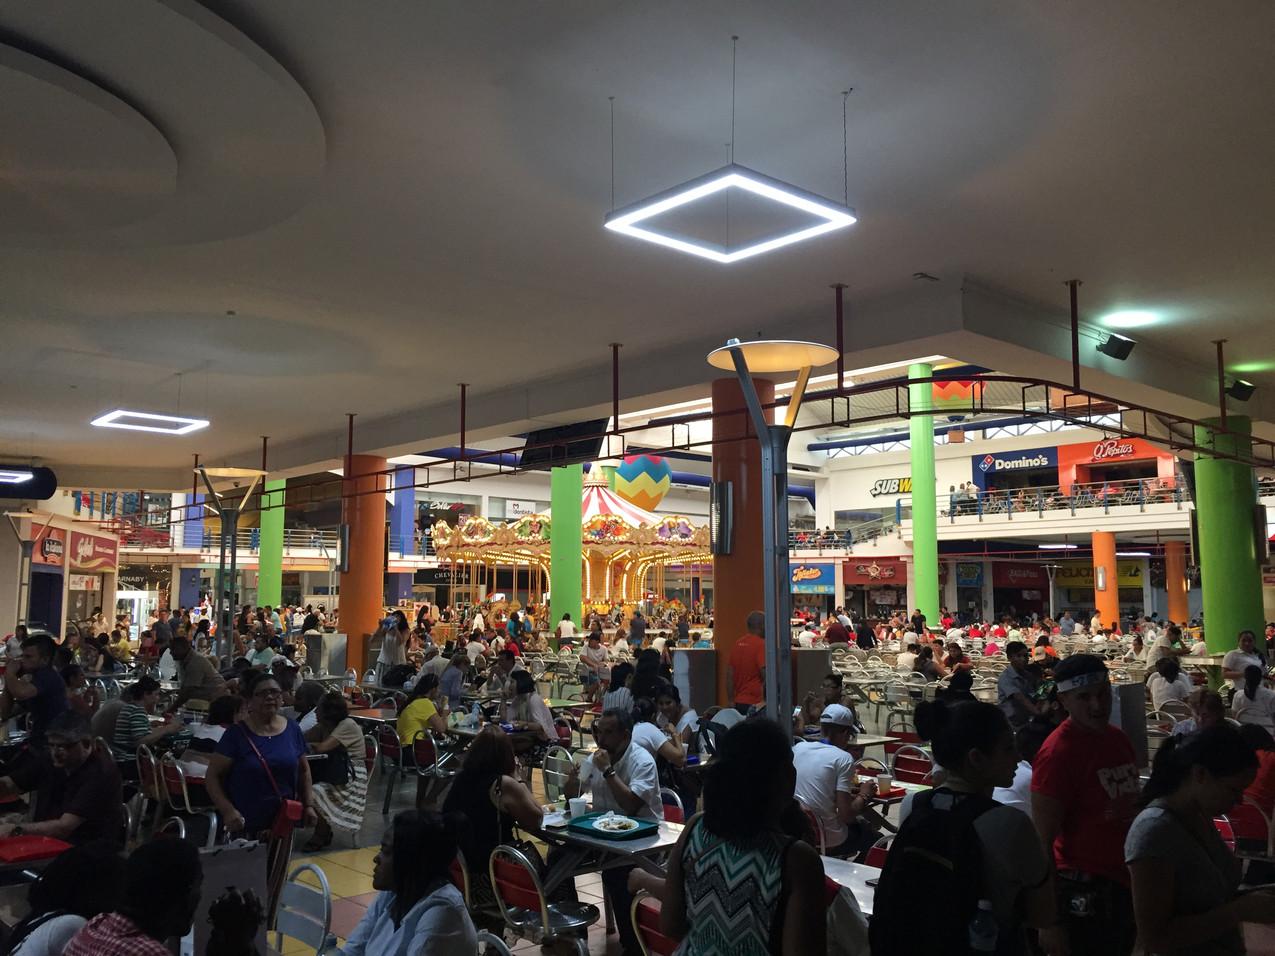 la foule aux restaurants